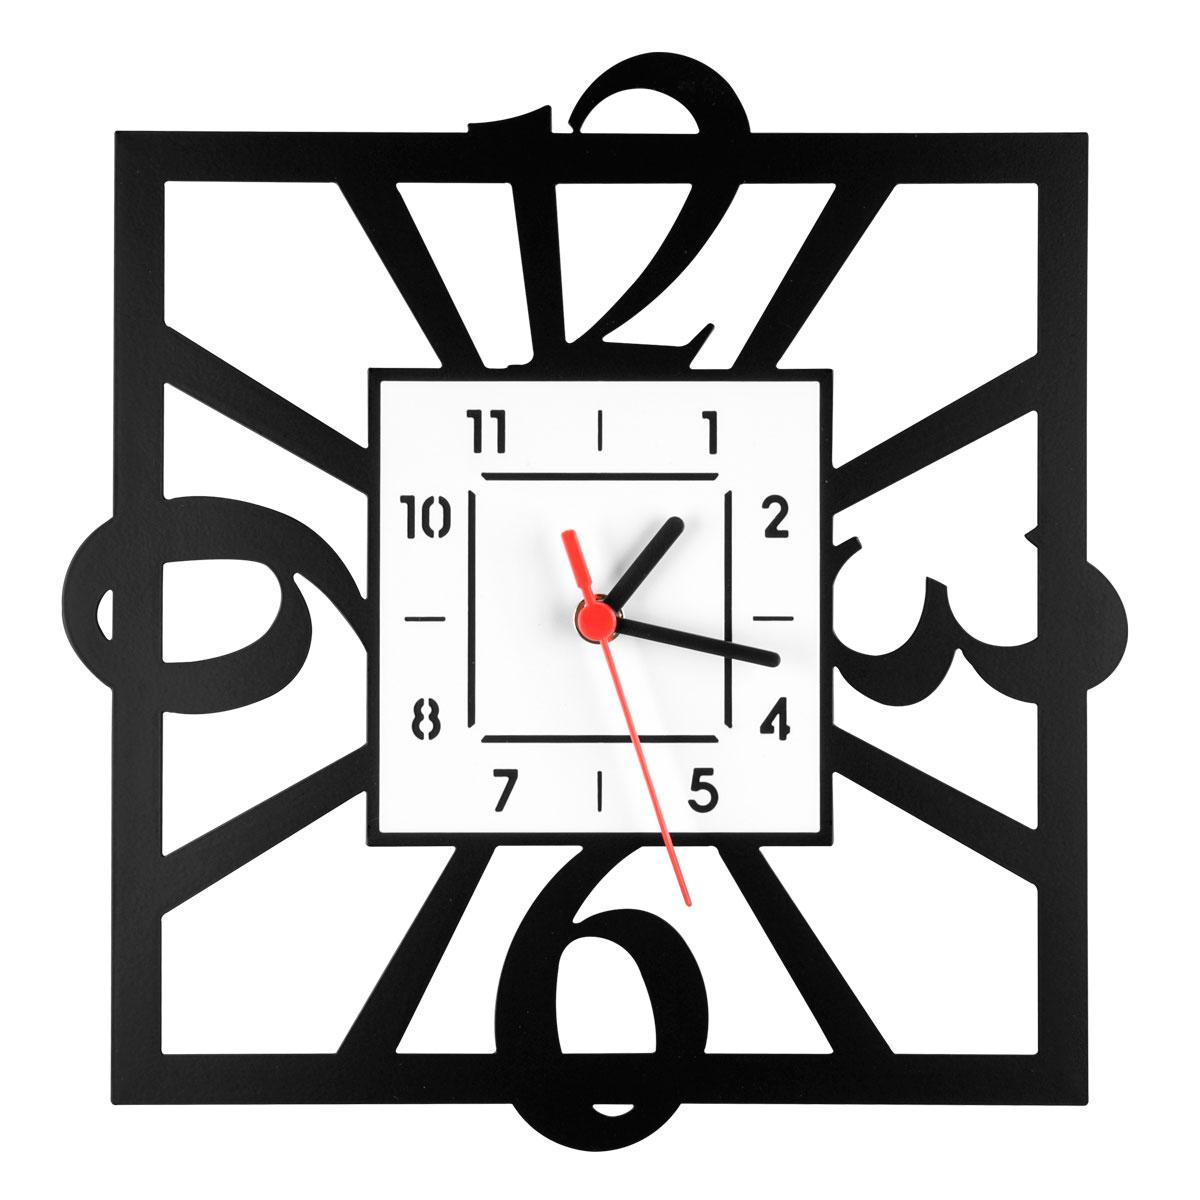 Часы настенные Miolla Квадратные, цвет: белый, черныйCH012Оригинальные настенные часы Miolla Квадратные квадратной формы выполнены из стали. Часы имеют три стрелки - часовую, минутную и секундную и циферблат с цифрами. Необычное дизайнерское решение и качество исполнения придутся по вкусу каждому.Оформите свой дом таким интерьерным аксессуаром или преподнесите его в качестве презента друзьям, и они оценят ваш оригинальный вкус и неординарность подарка.